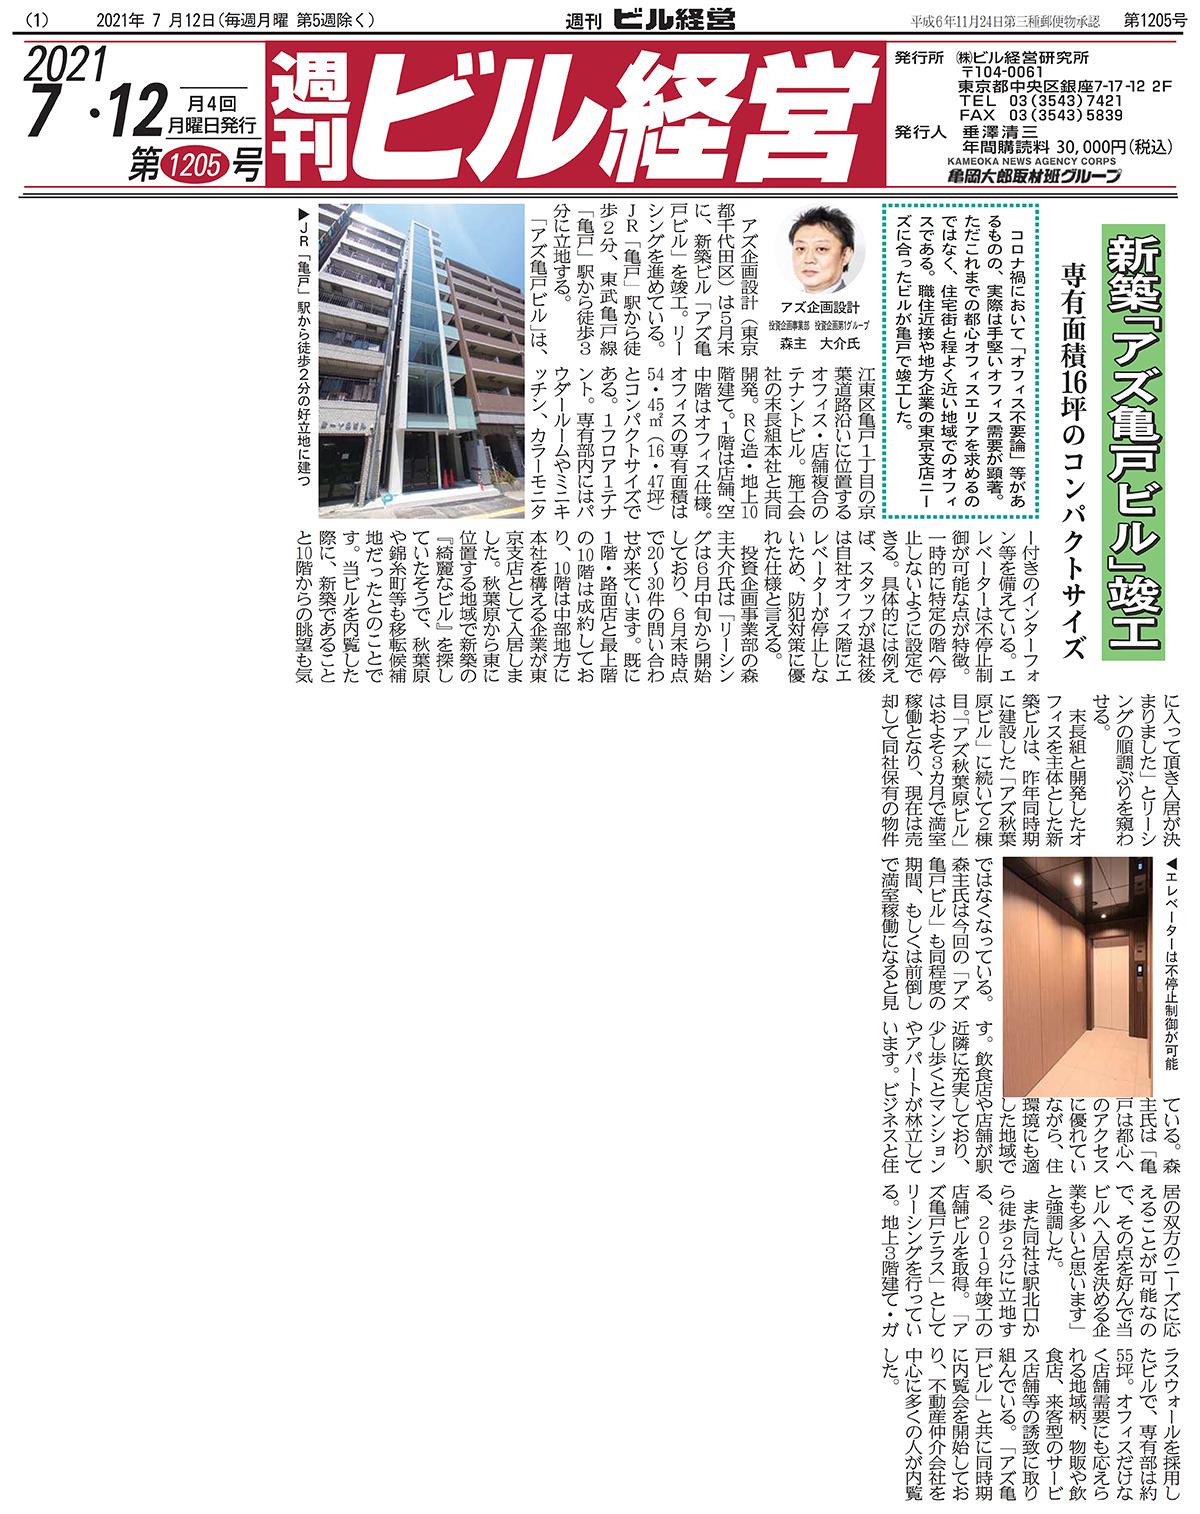 週刊ビル経営7月12日号